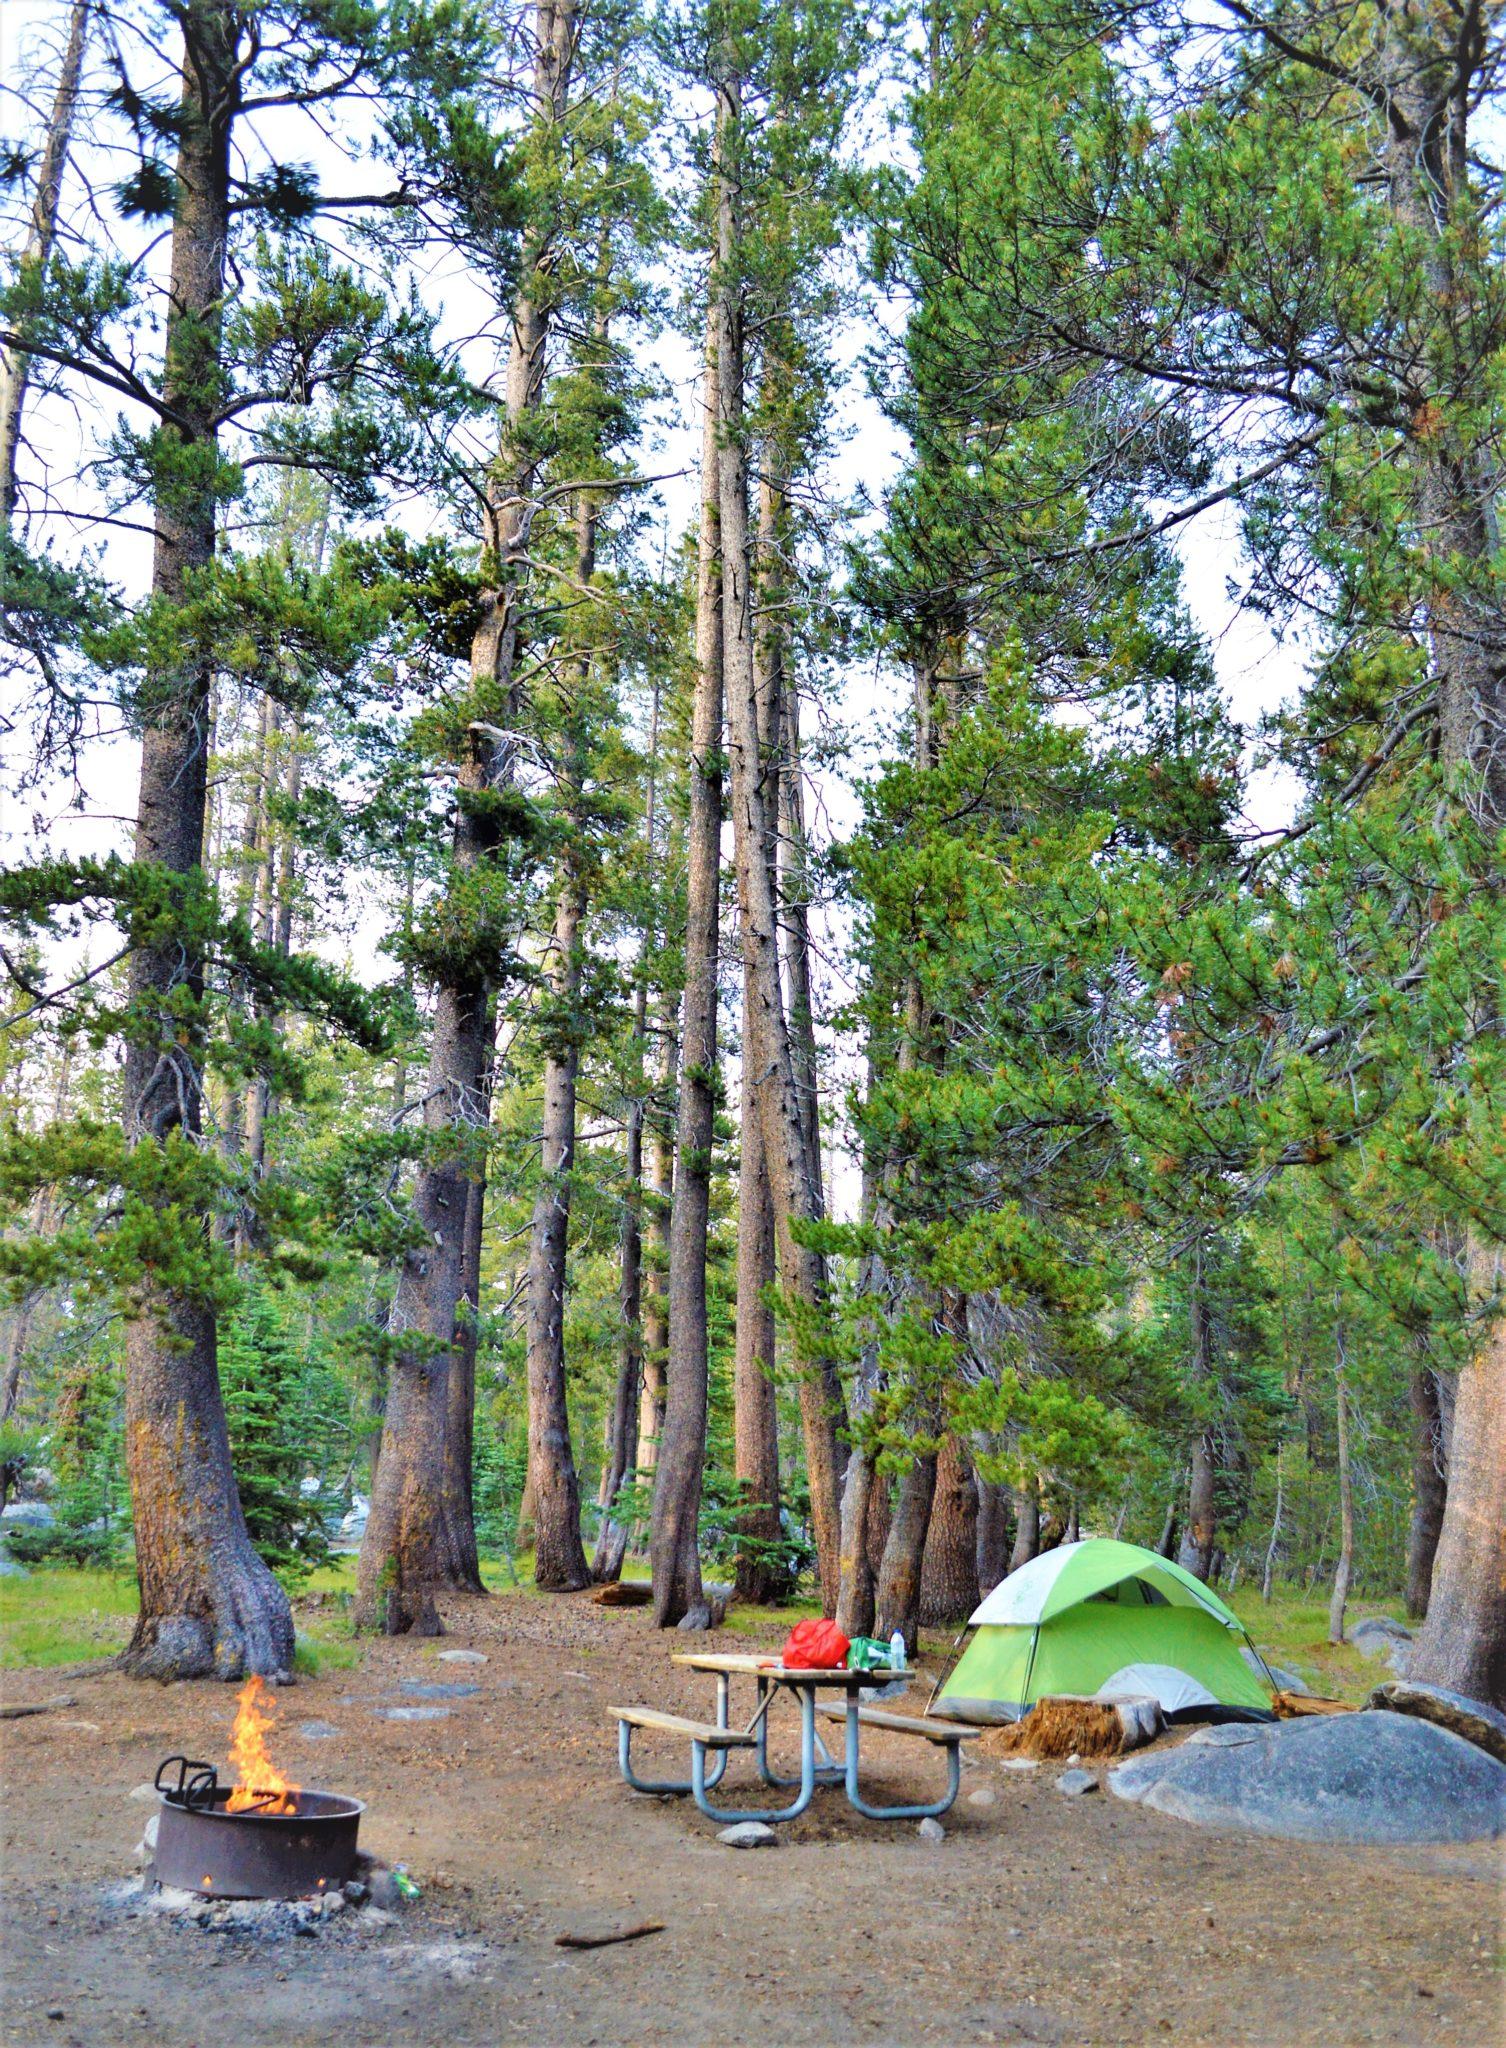 Porcupine Flats Camping at Yosemite National Park, California